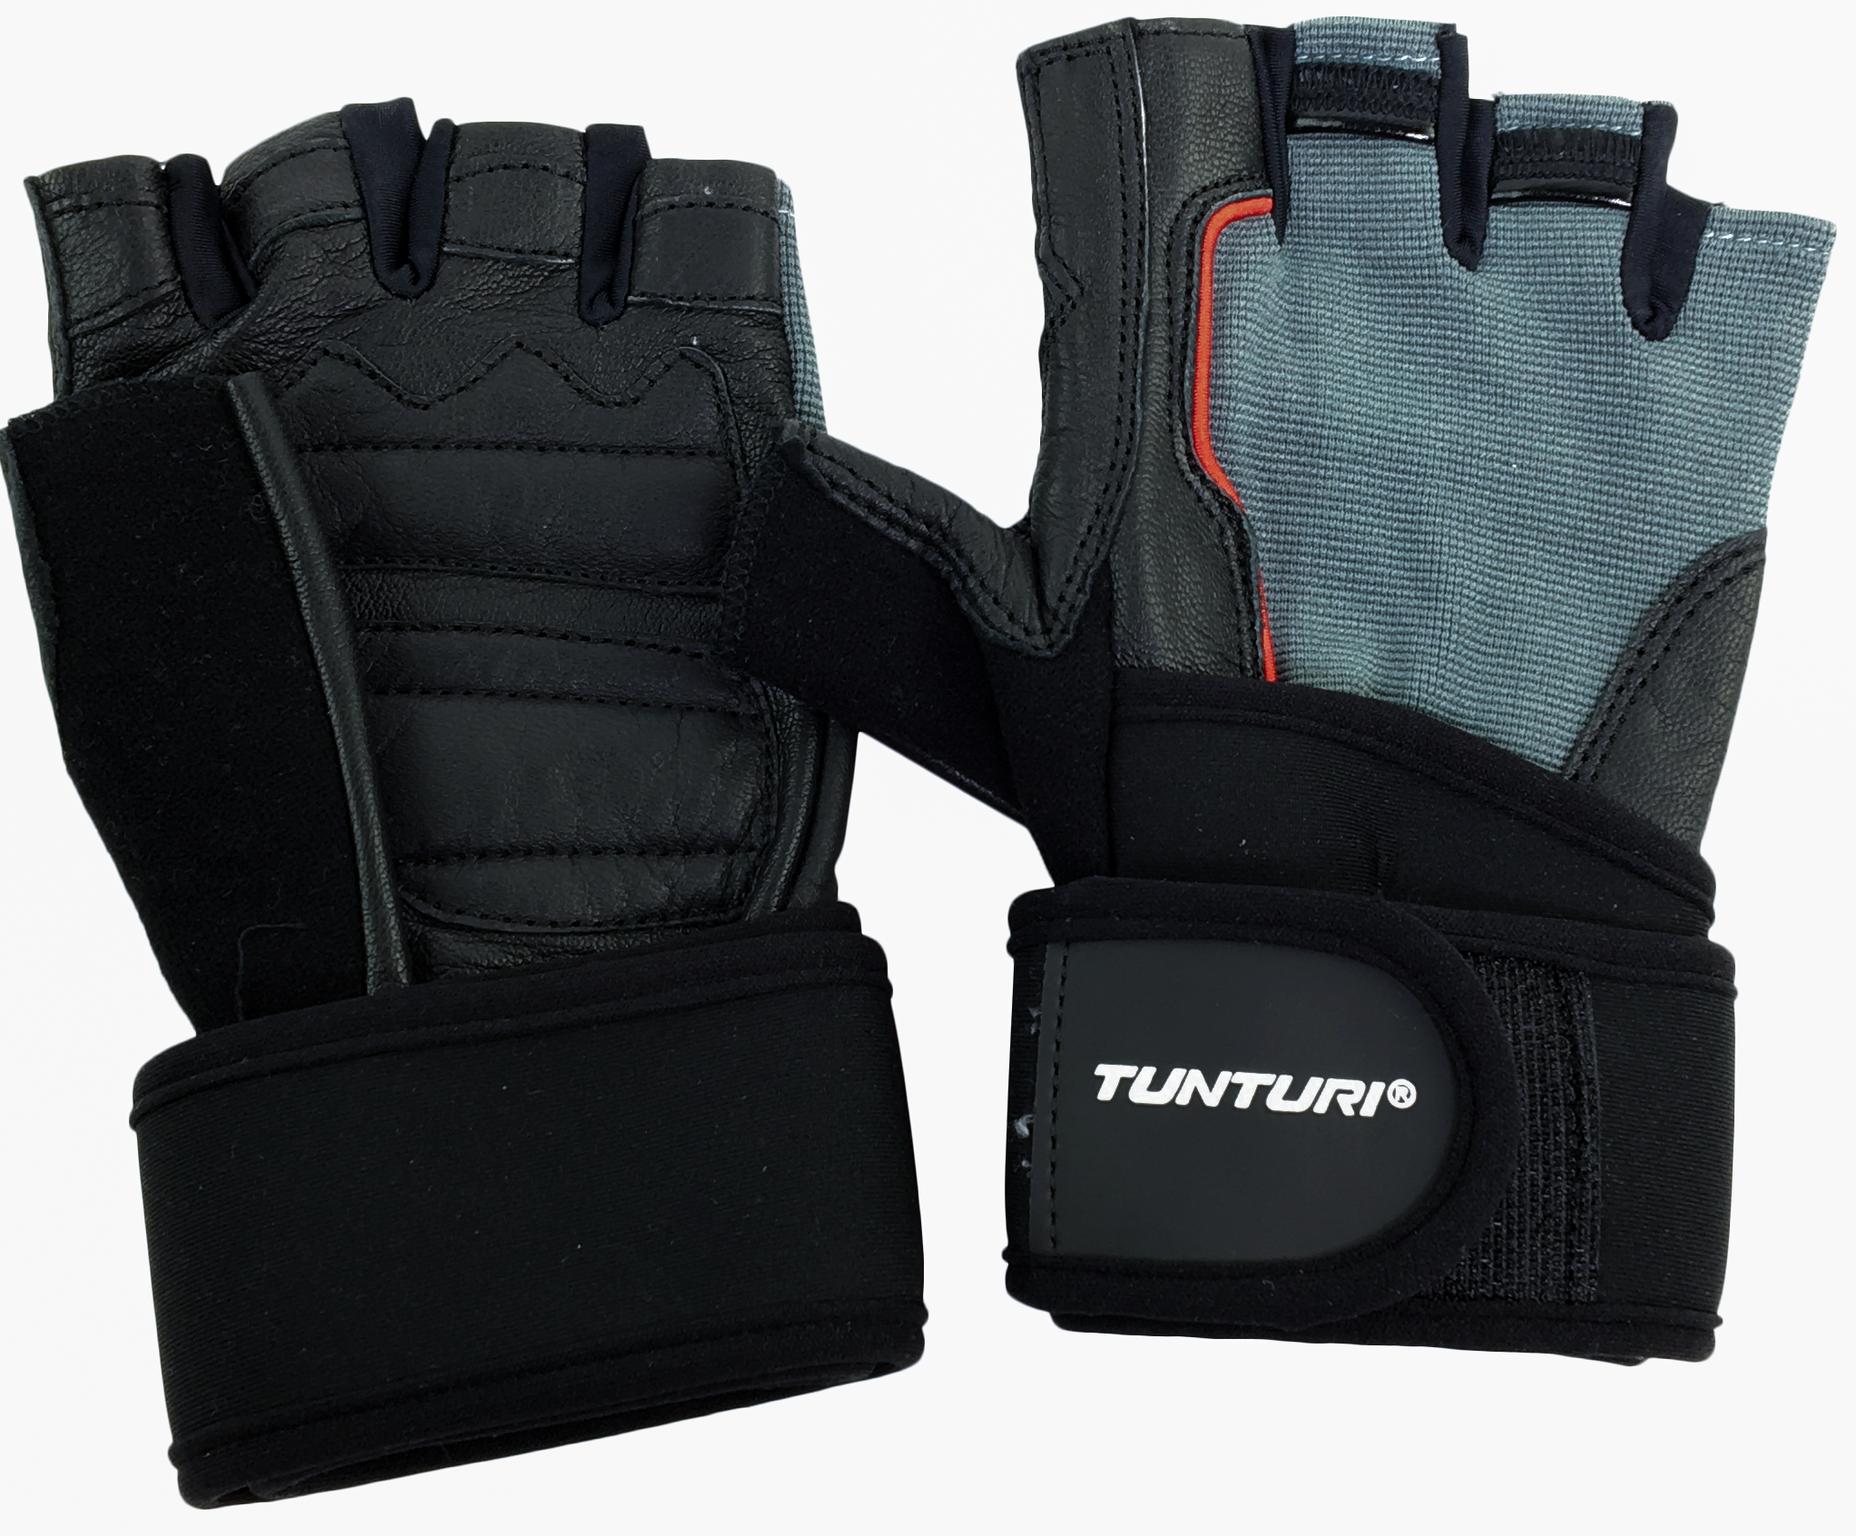 Tunturi Weight Lifting Glove-0